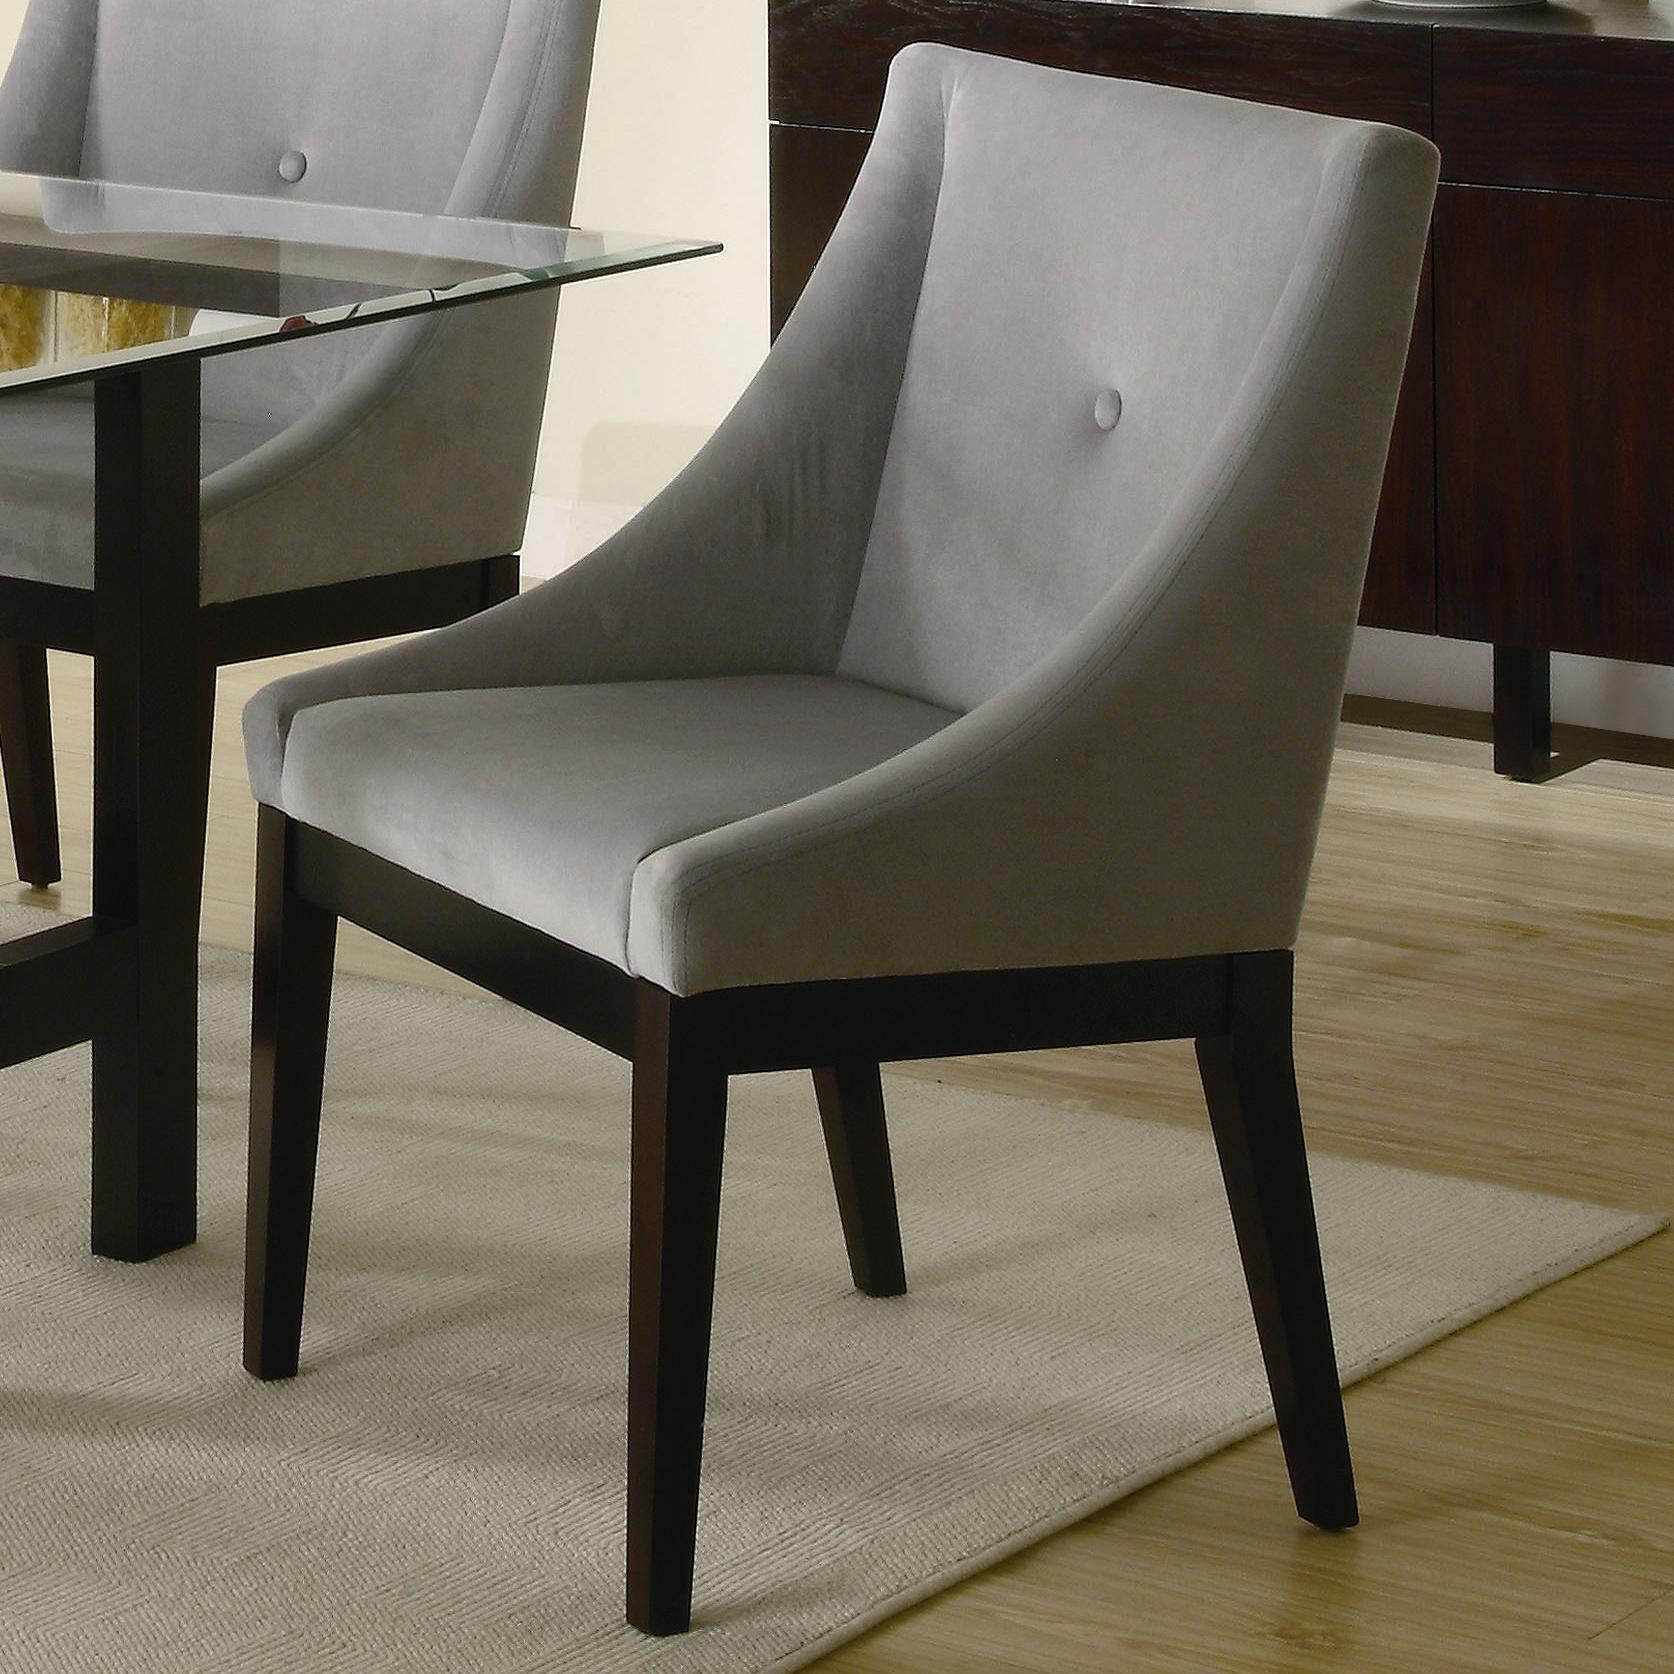 Komfortabel Gepolstert Restaurants Stühle | Stühle | Pinterest ...